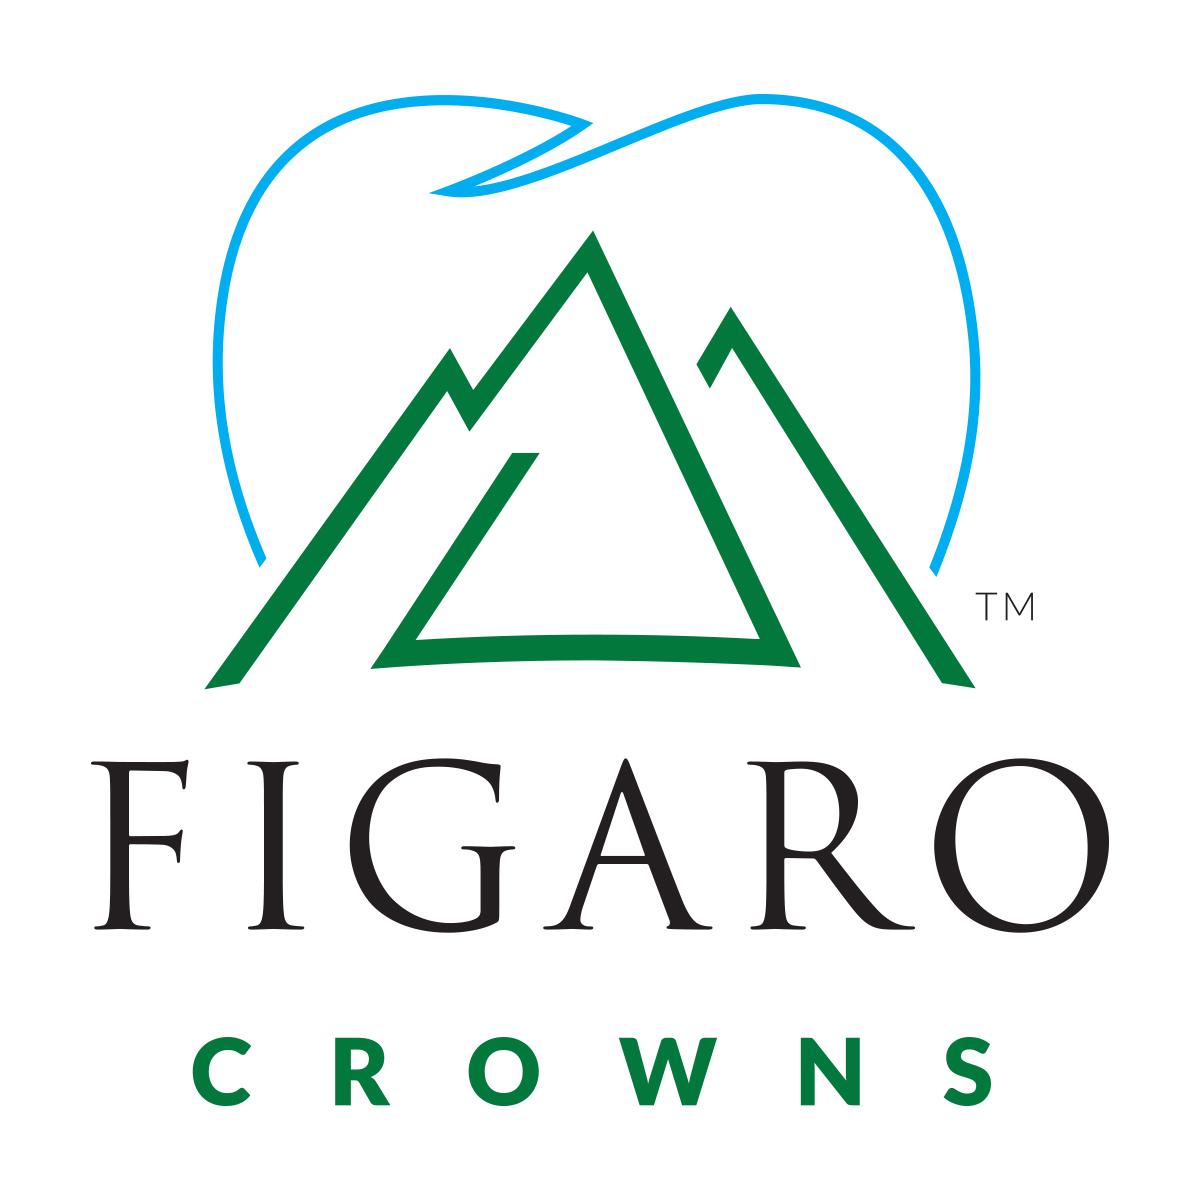 Figaro_Crowns_Logos-COLOR-TM